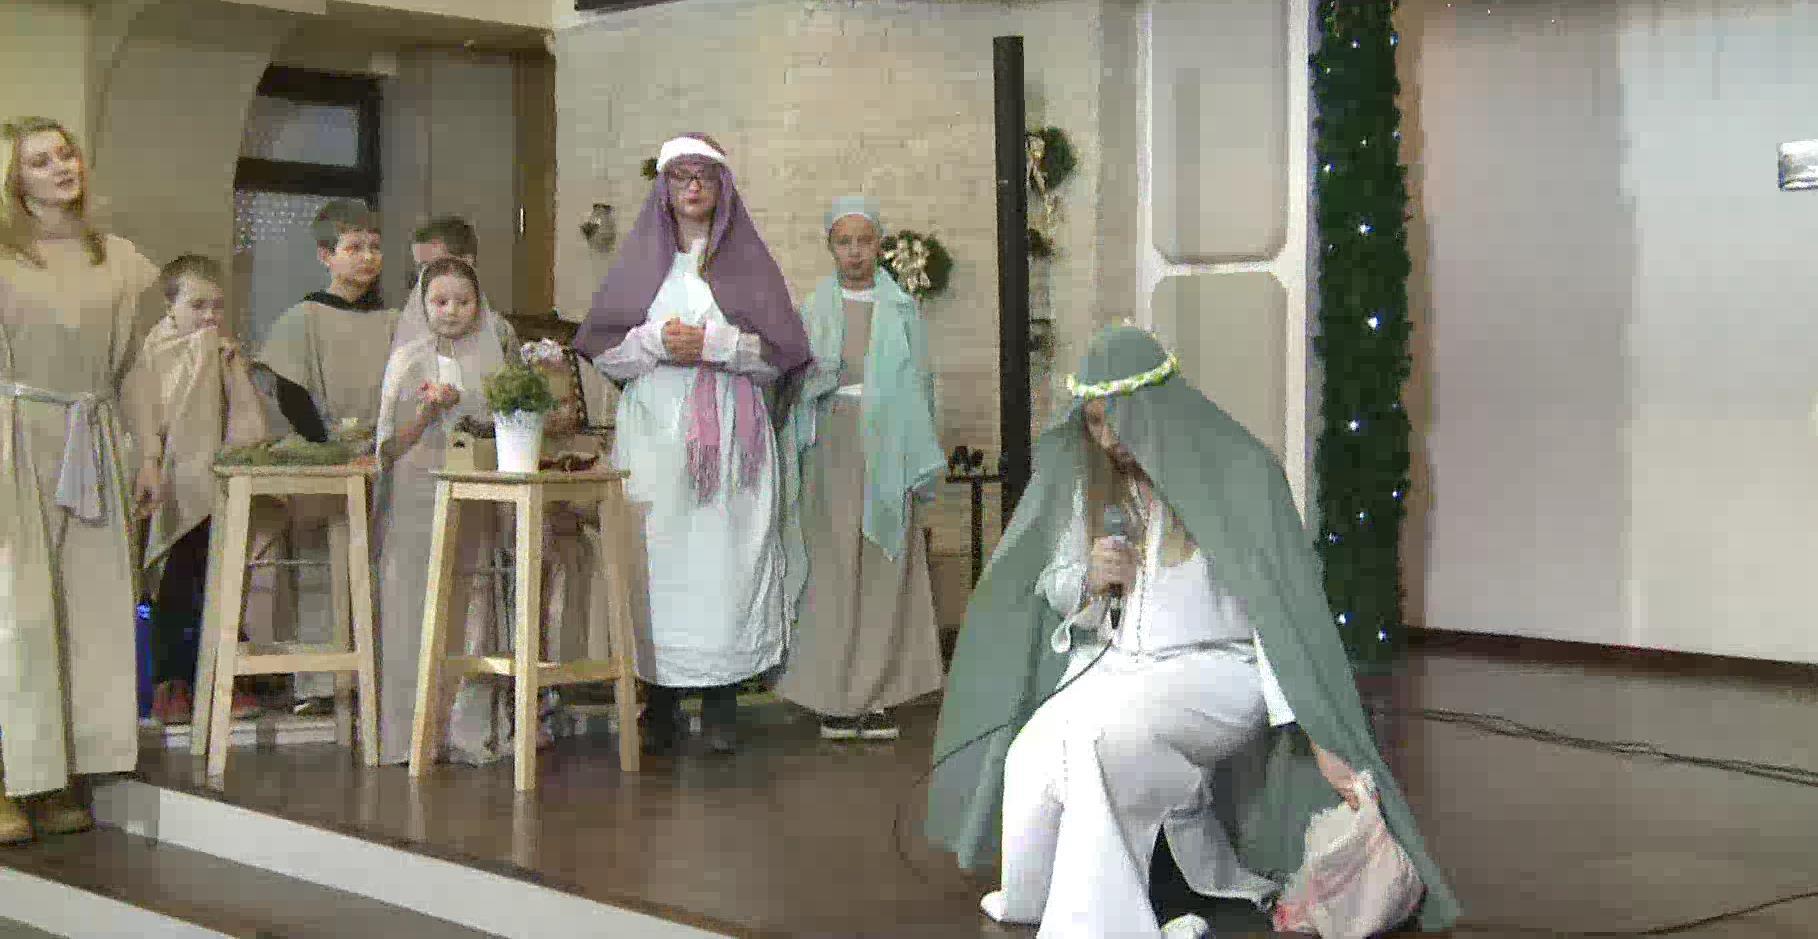 Рождественое Богослужение в интернациональной церкви для русскоговорящих г.Варна 23 декабря 2018